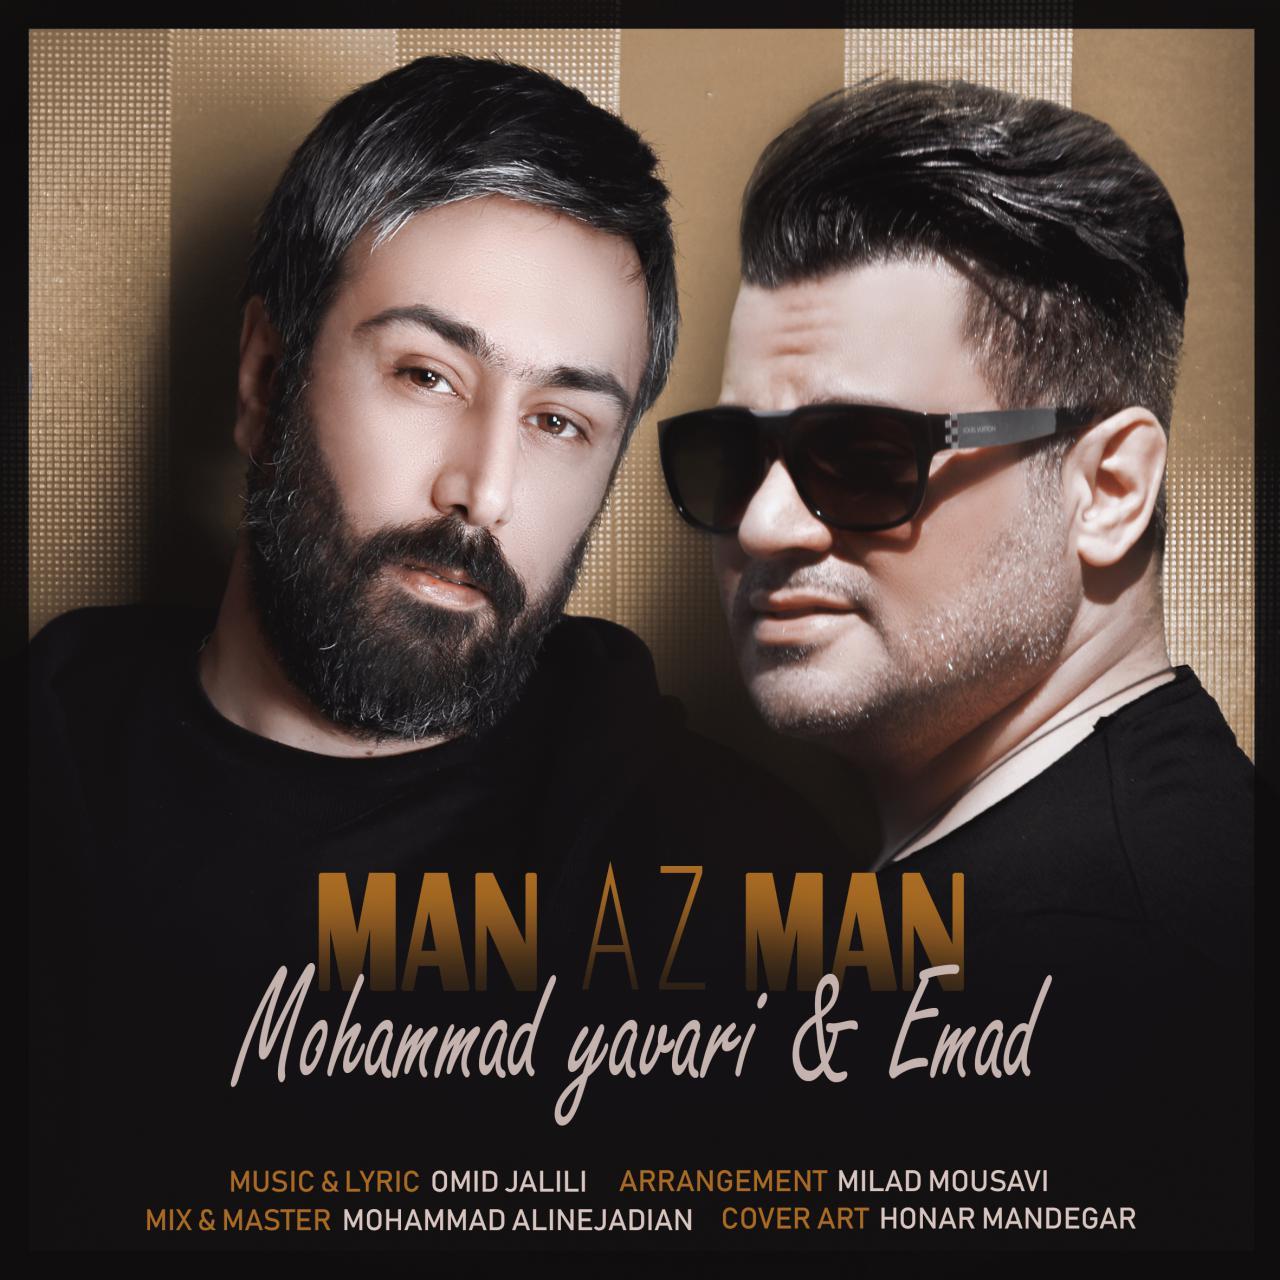 دانلود آهنگ جدید و فوق العاده زیبای عماد و محمد یاوری به نام من از من